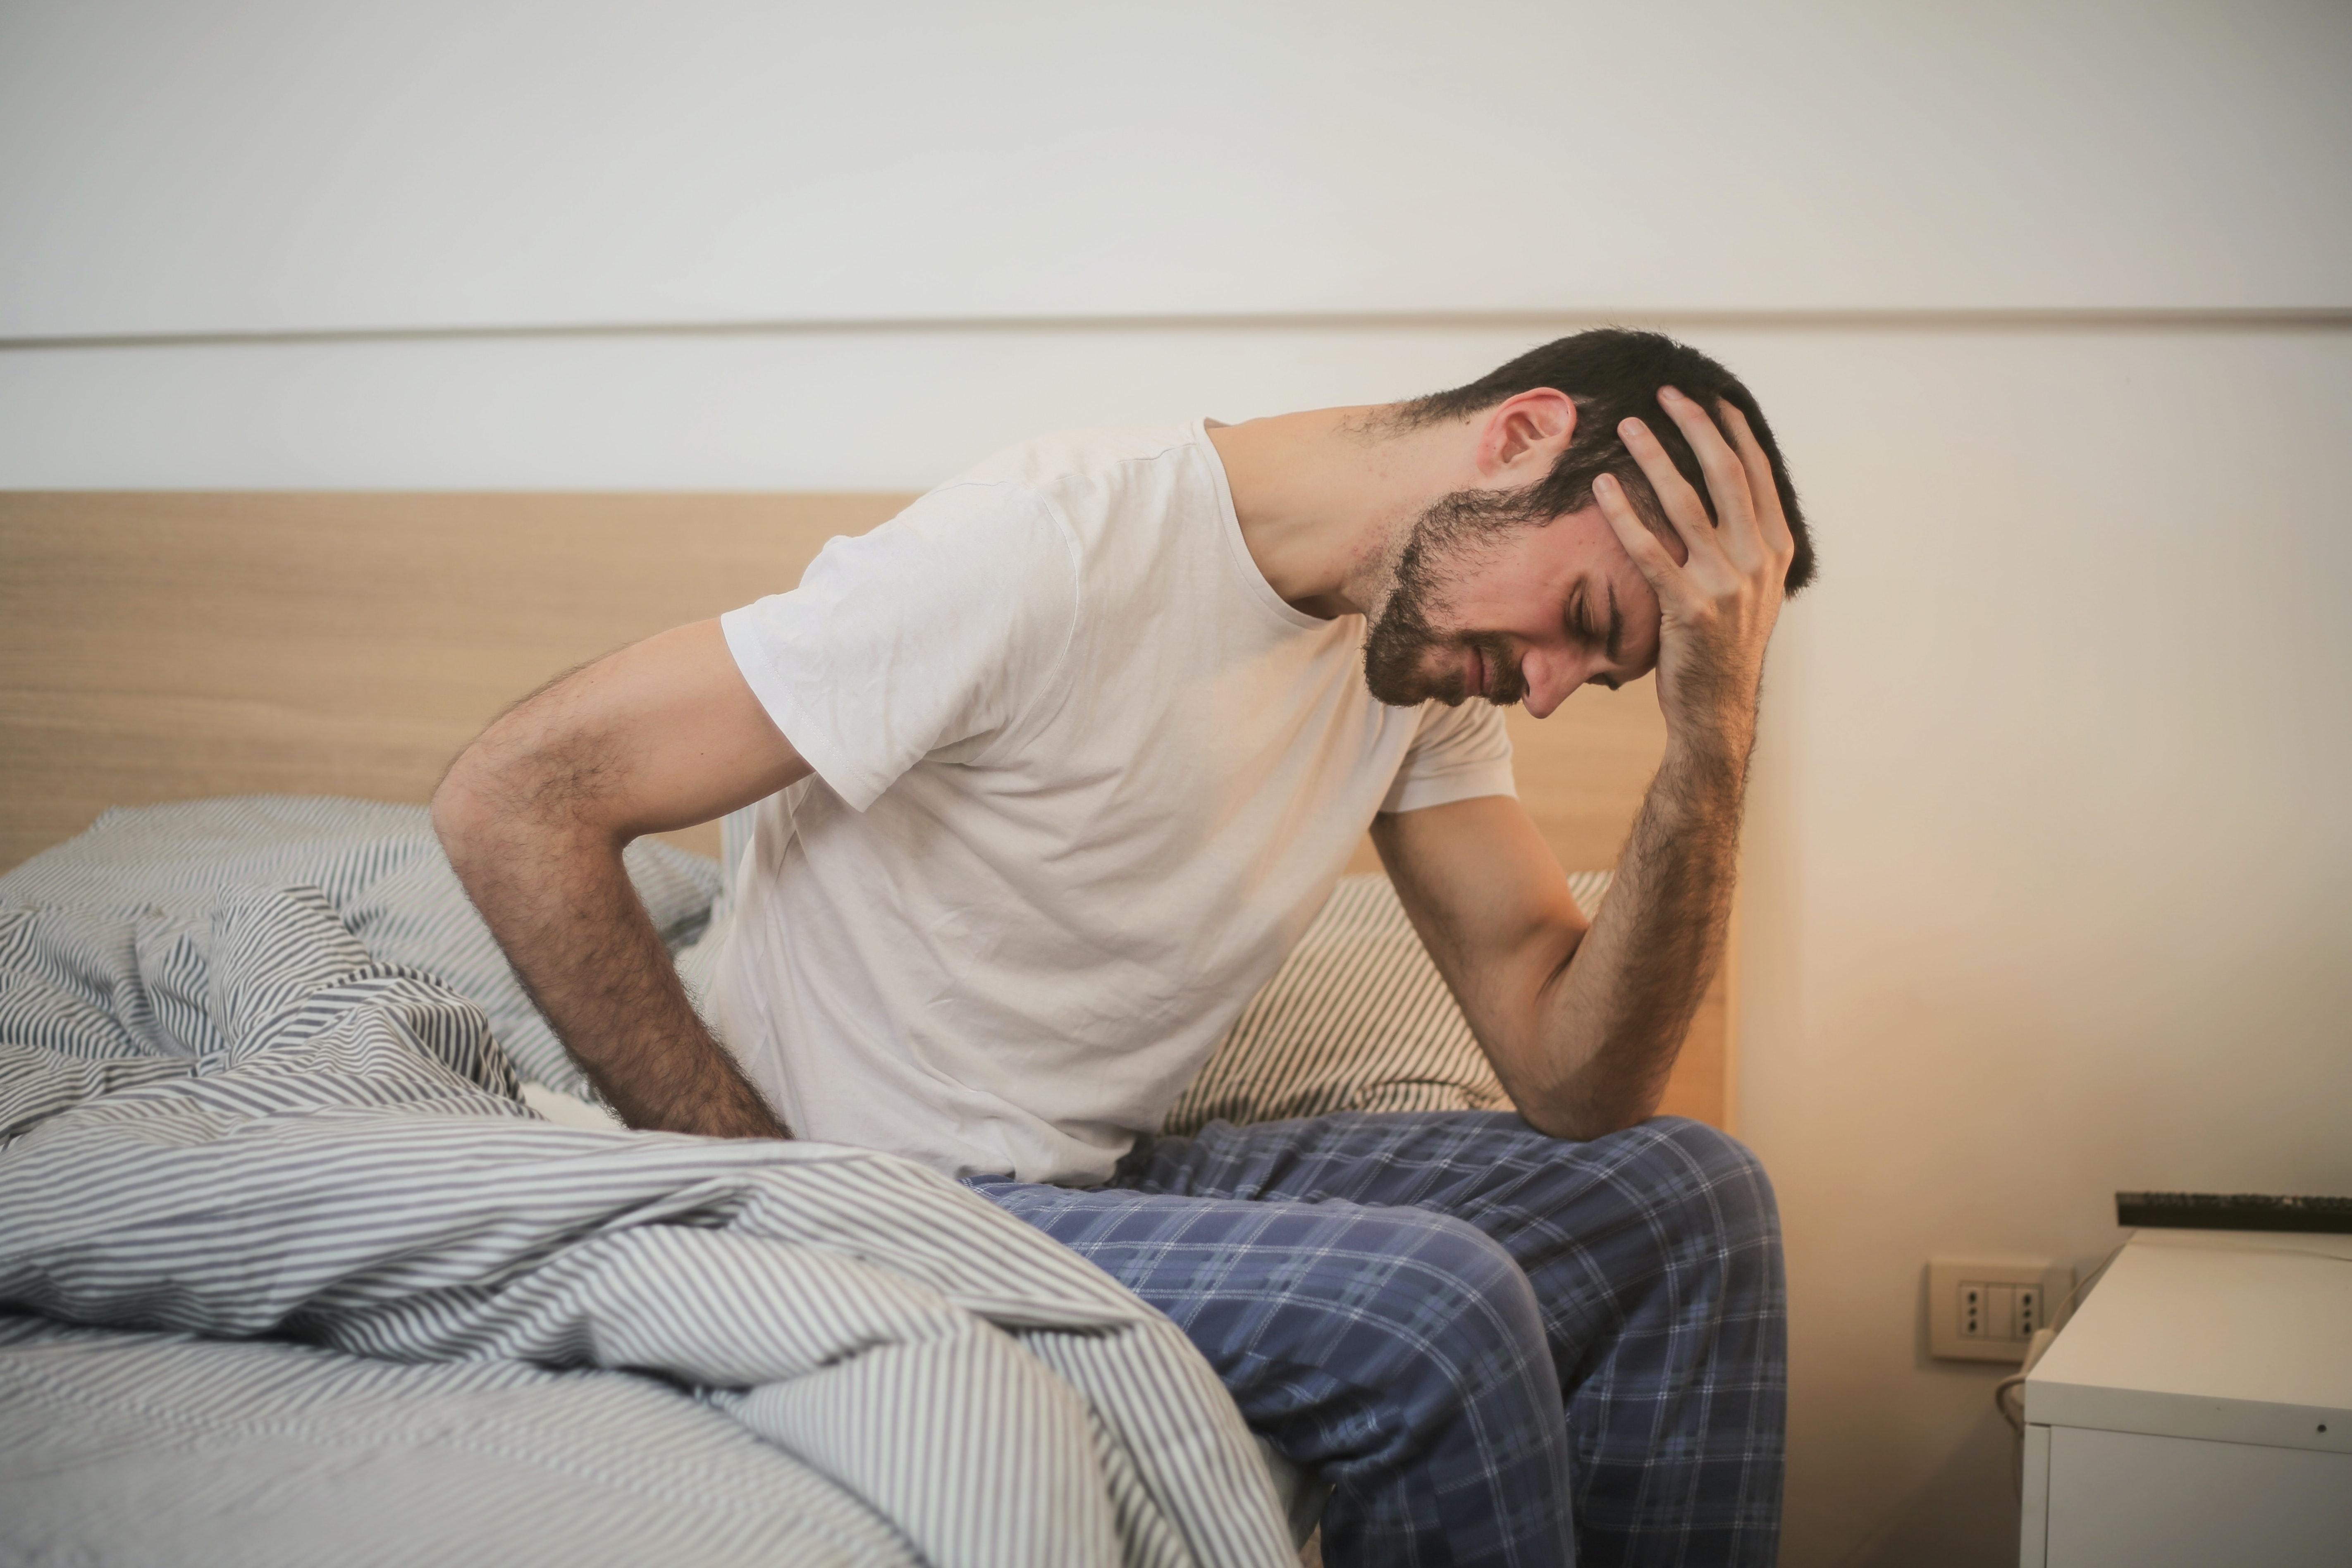 Selon une étude des Hospices Civils de Lyon, 46,8 % des soignants grippés sont asymptomatiques.